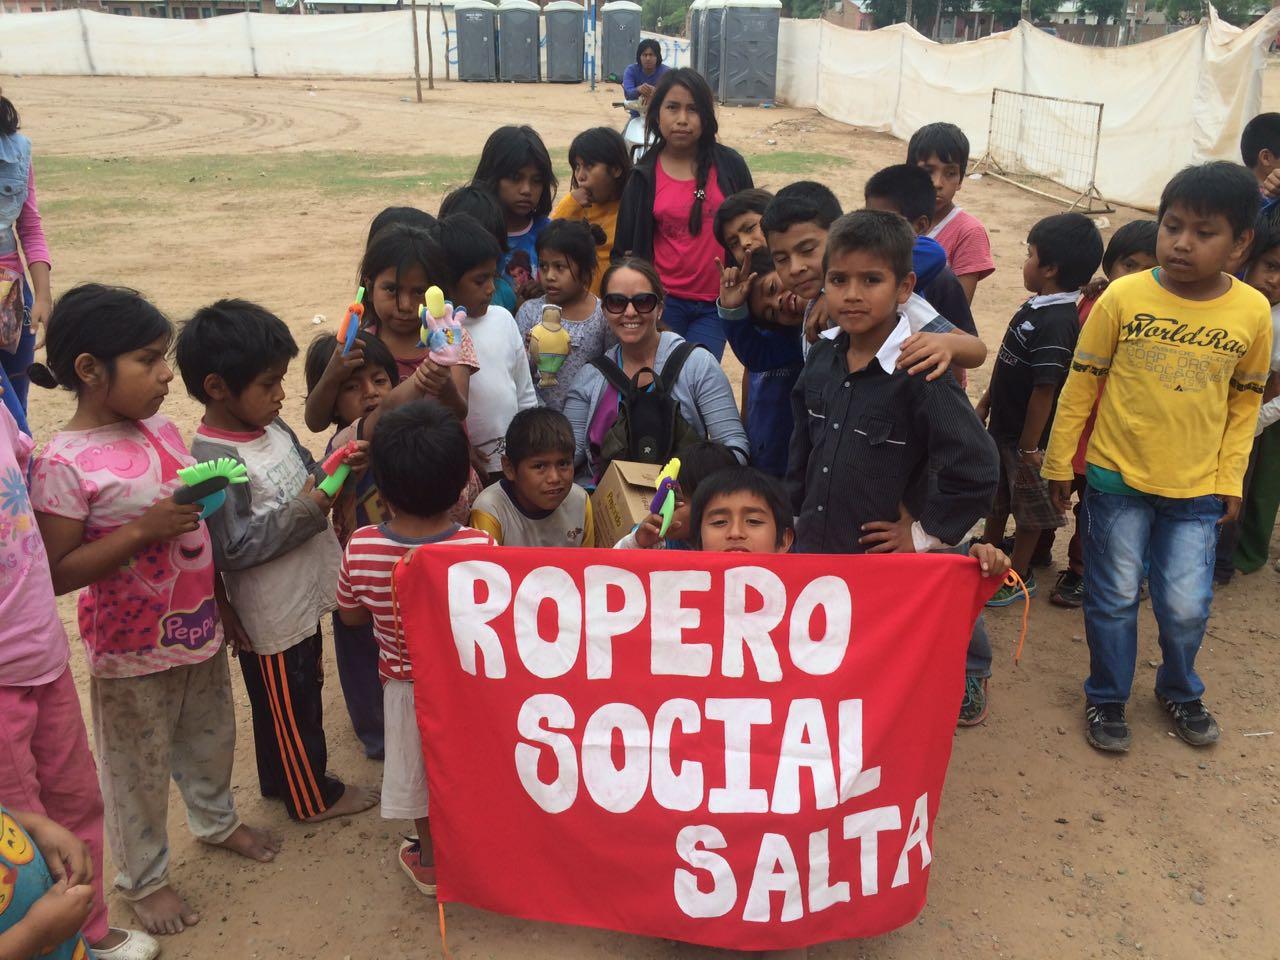 Voluntarios del Ropero Social Salta llevaron donaciones a familias de Morillo